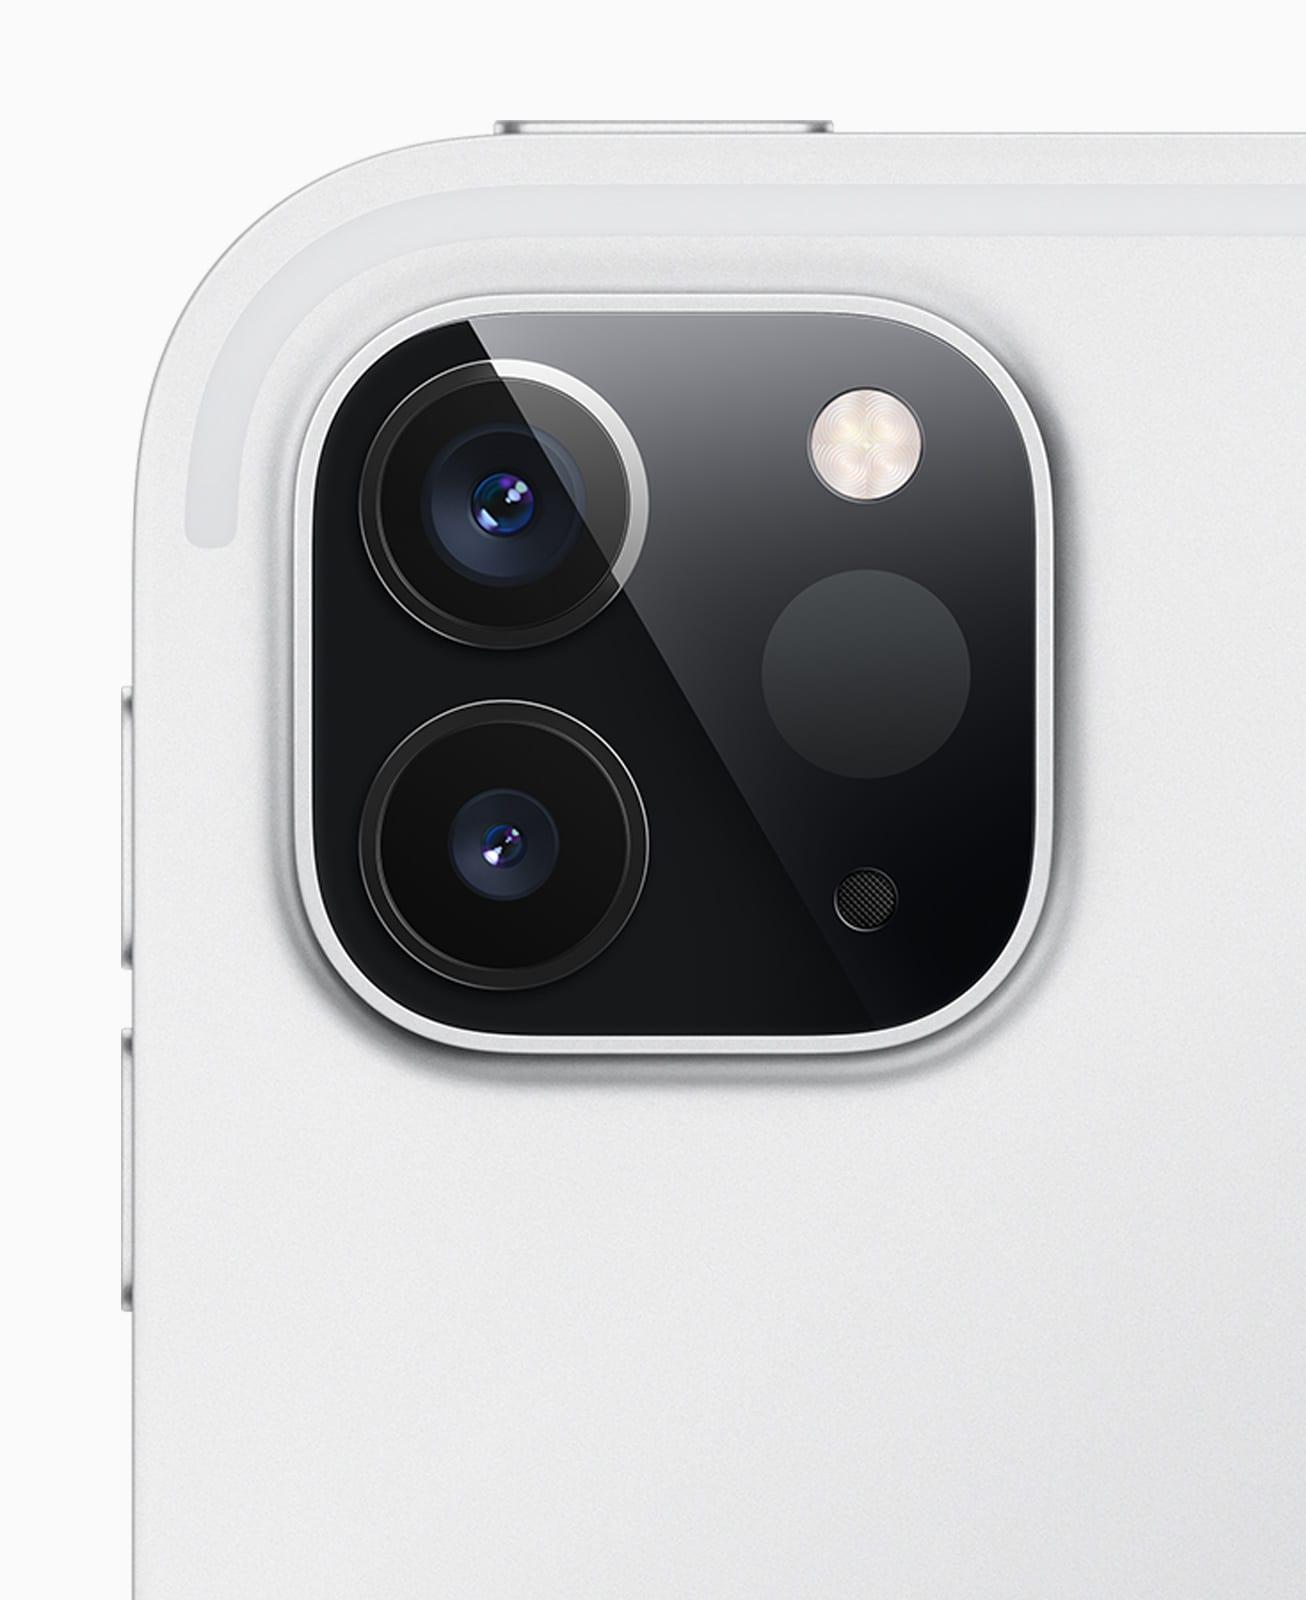 Apple new ipad pro ultra wide camera 03182020 - Apple predstavil nový iPad Pro a Magic Keyboard s LED podsvietením - aktualizácia